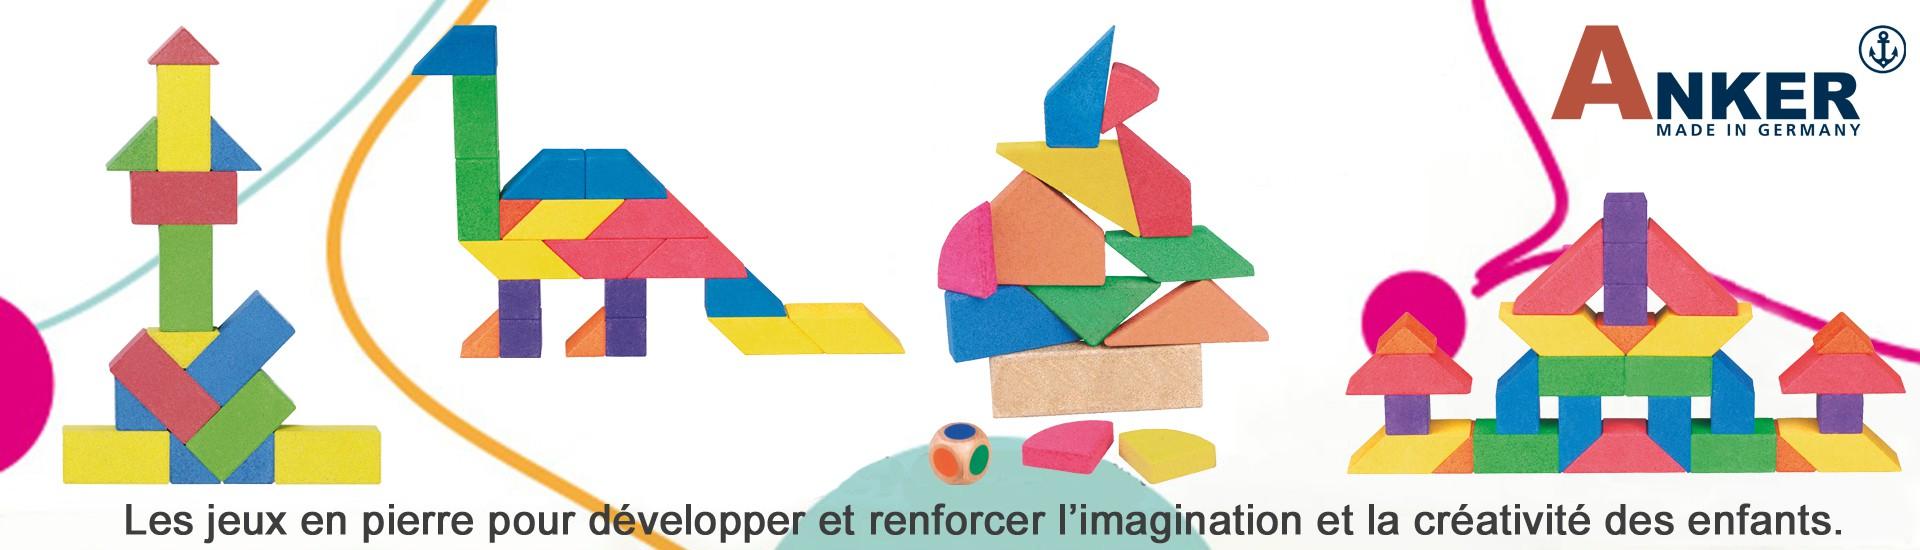 Anker-jeux-en-Pierres-